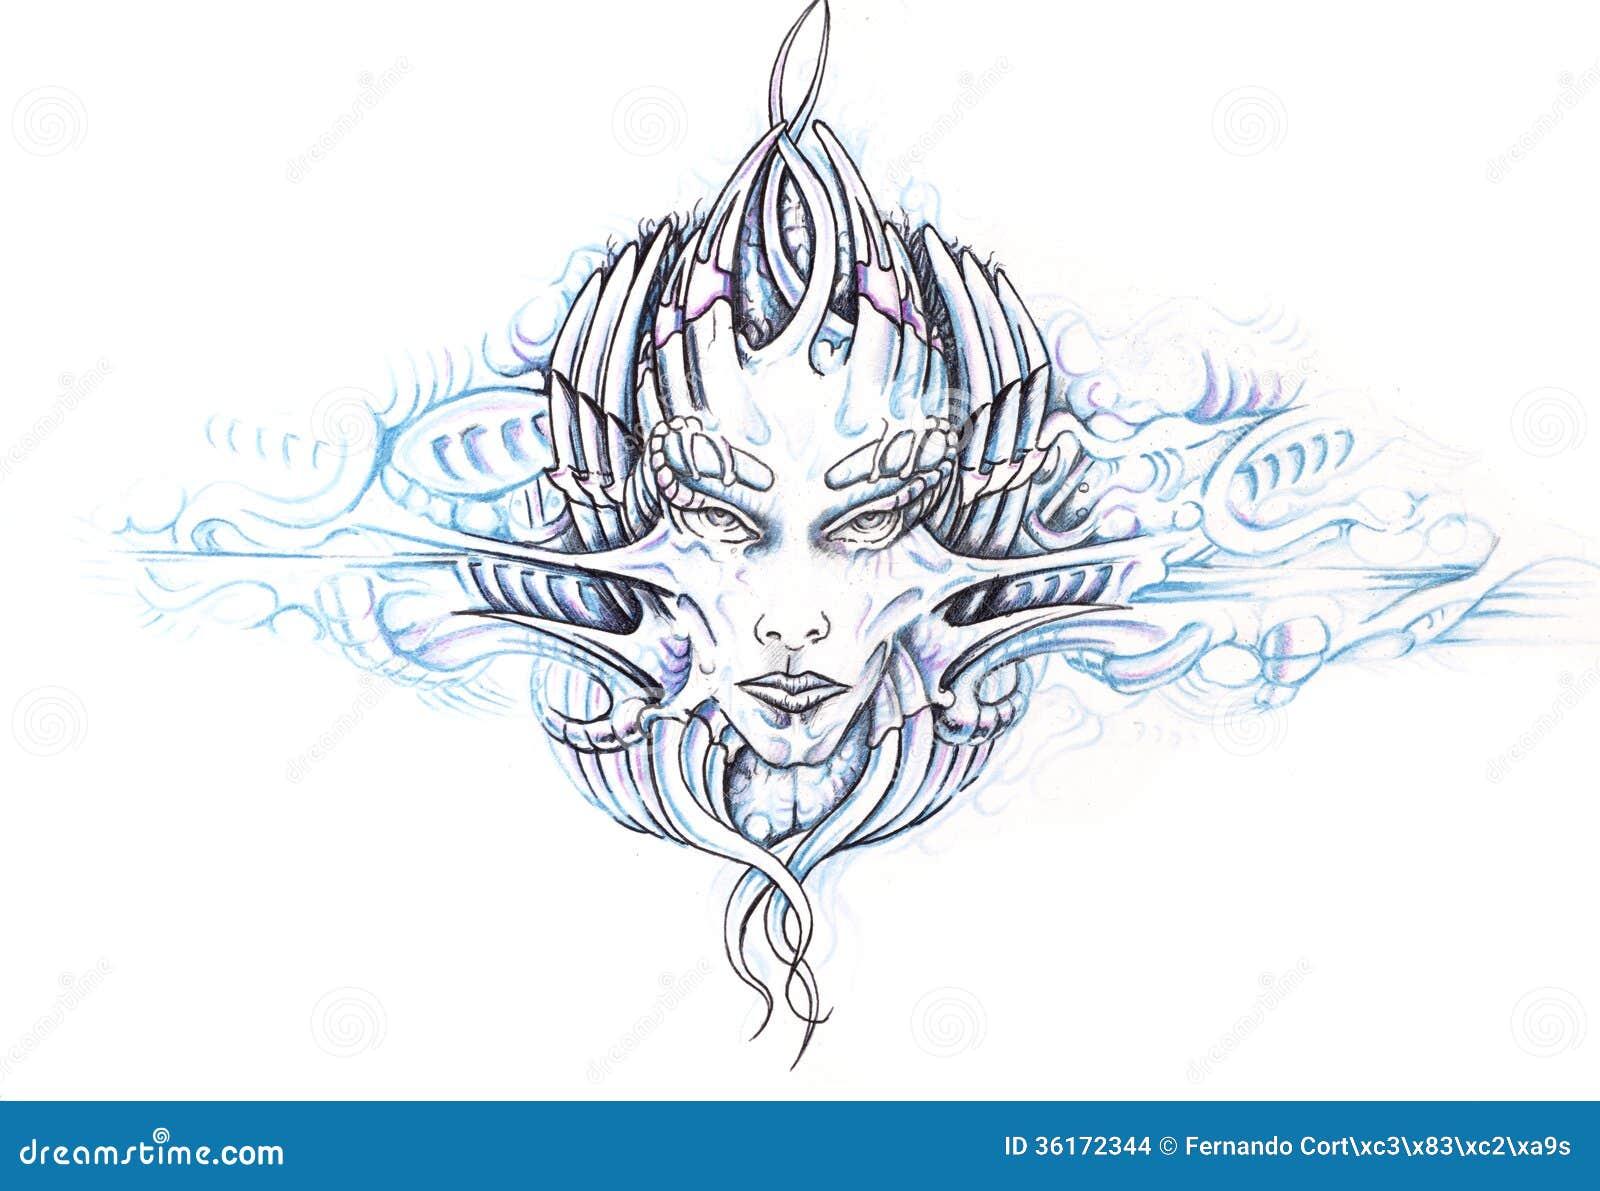 Croquis D'art De Tatouage, Monstre Images stock - Image: 36172344